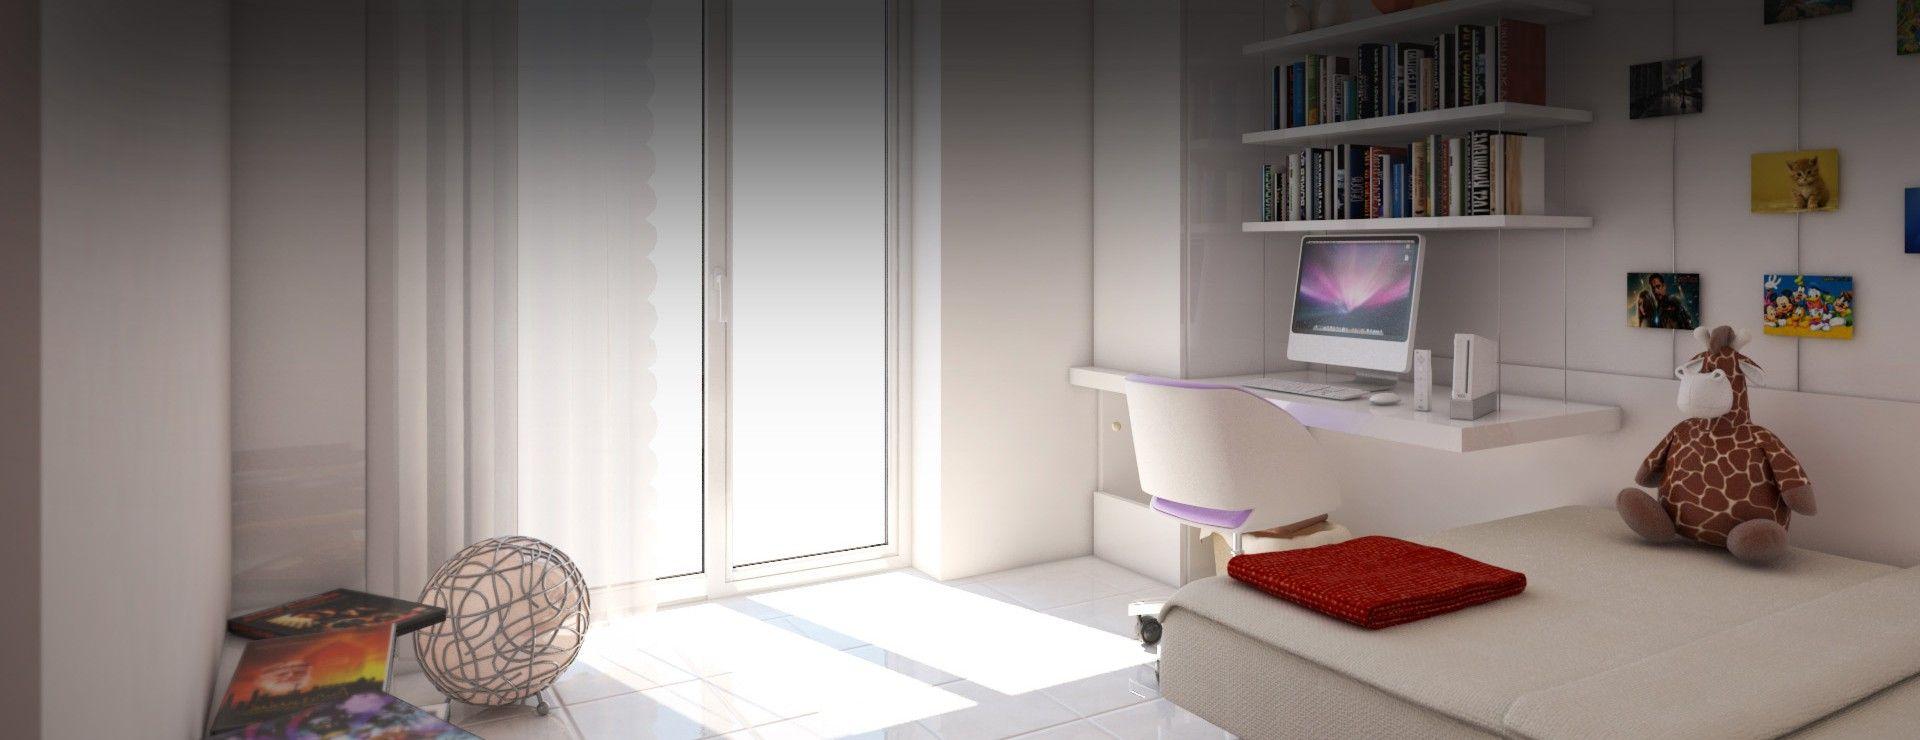 progetto camera da letto singola: progetto e modello 3d federico ... - Progetto Camera Da Letto